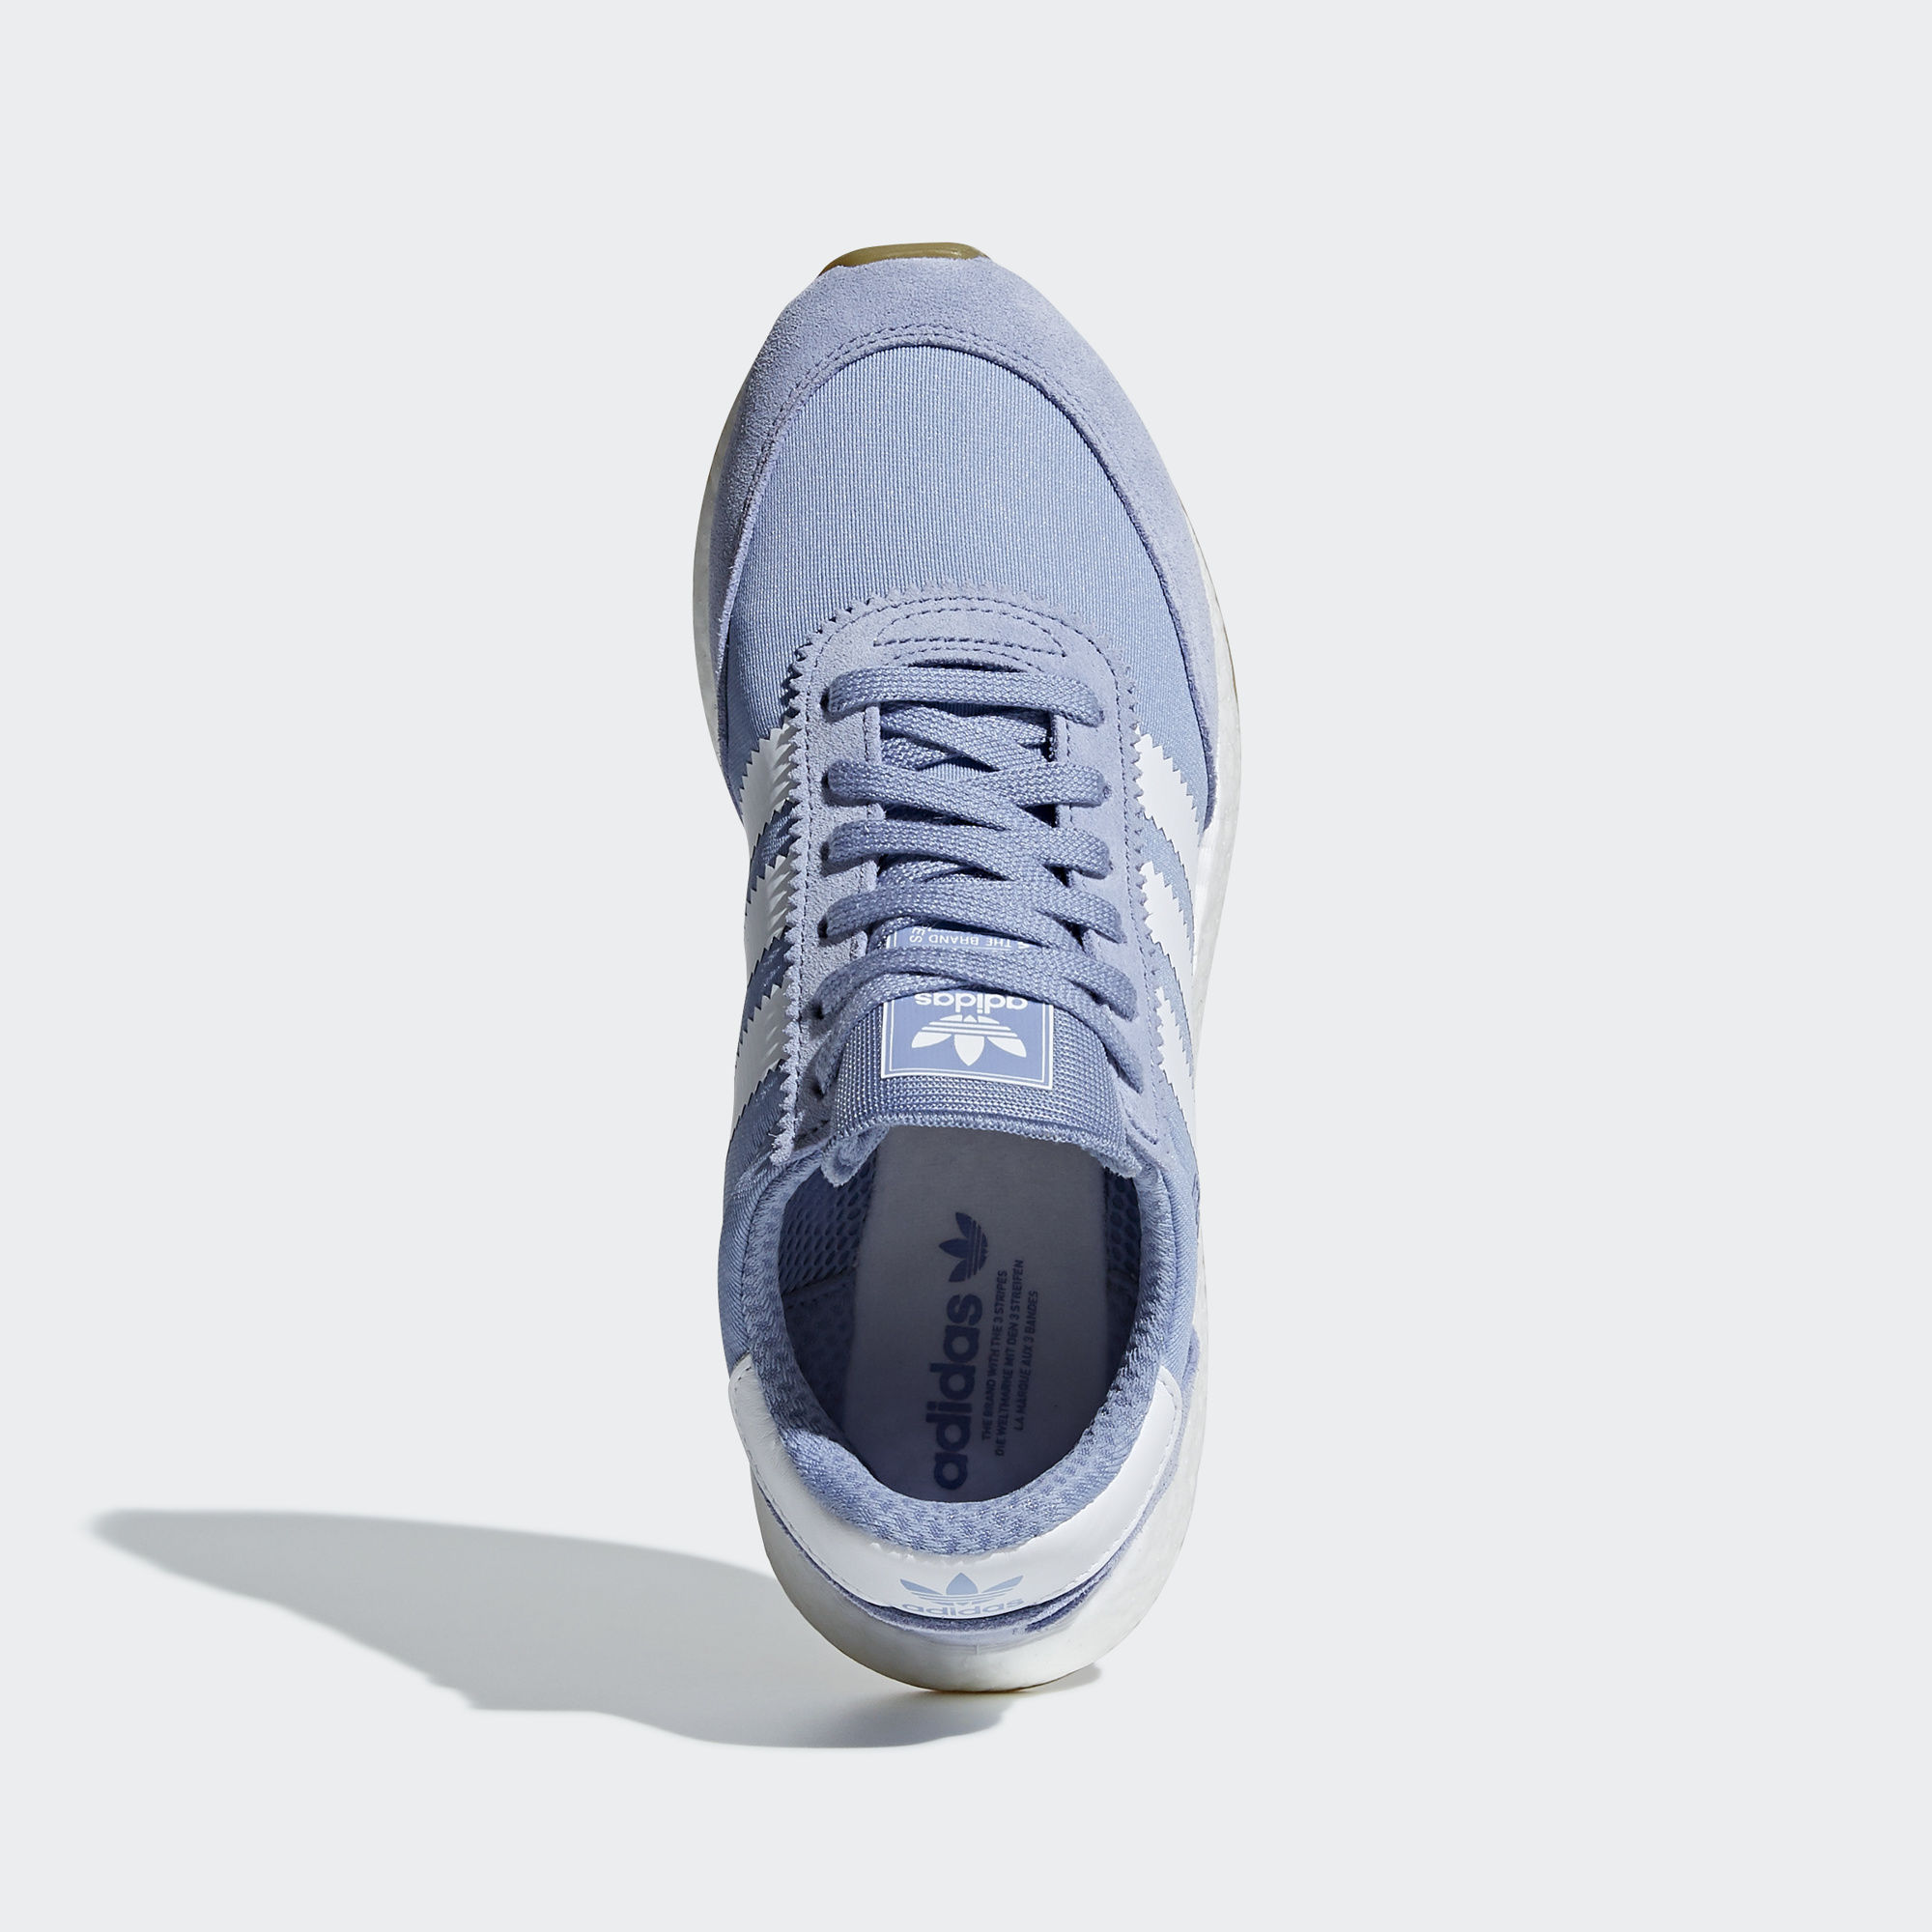 Adidas Originals I-5923 Chalk Blue / Ftwr White / Gum 3 (D97350)